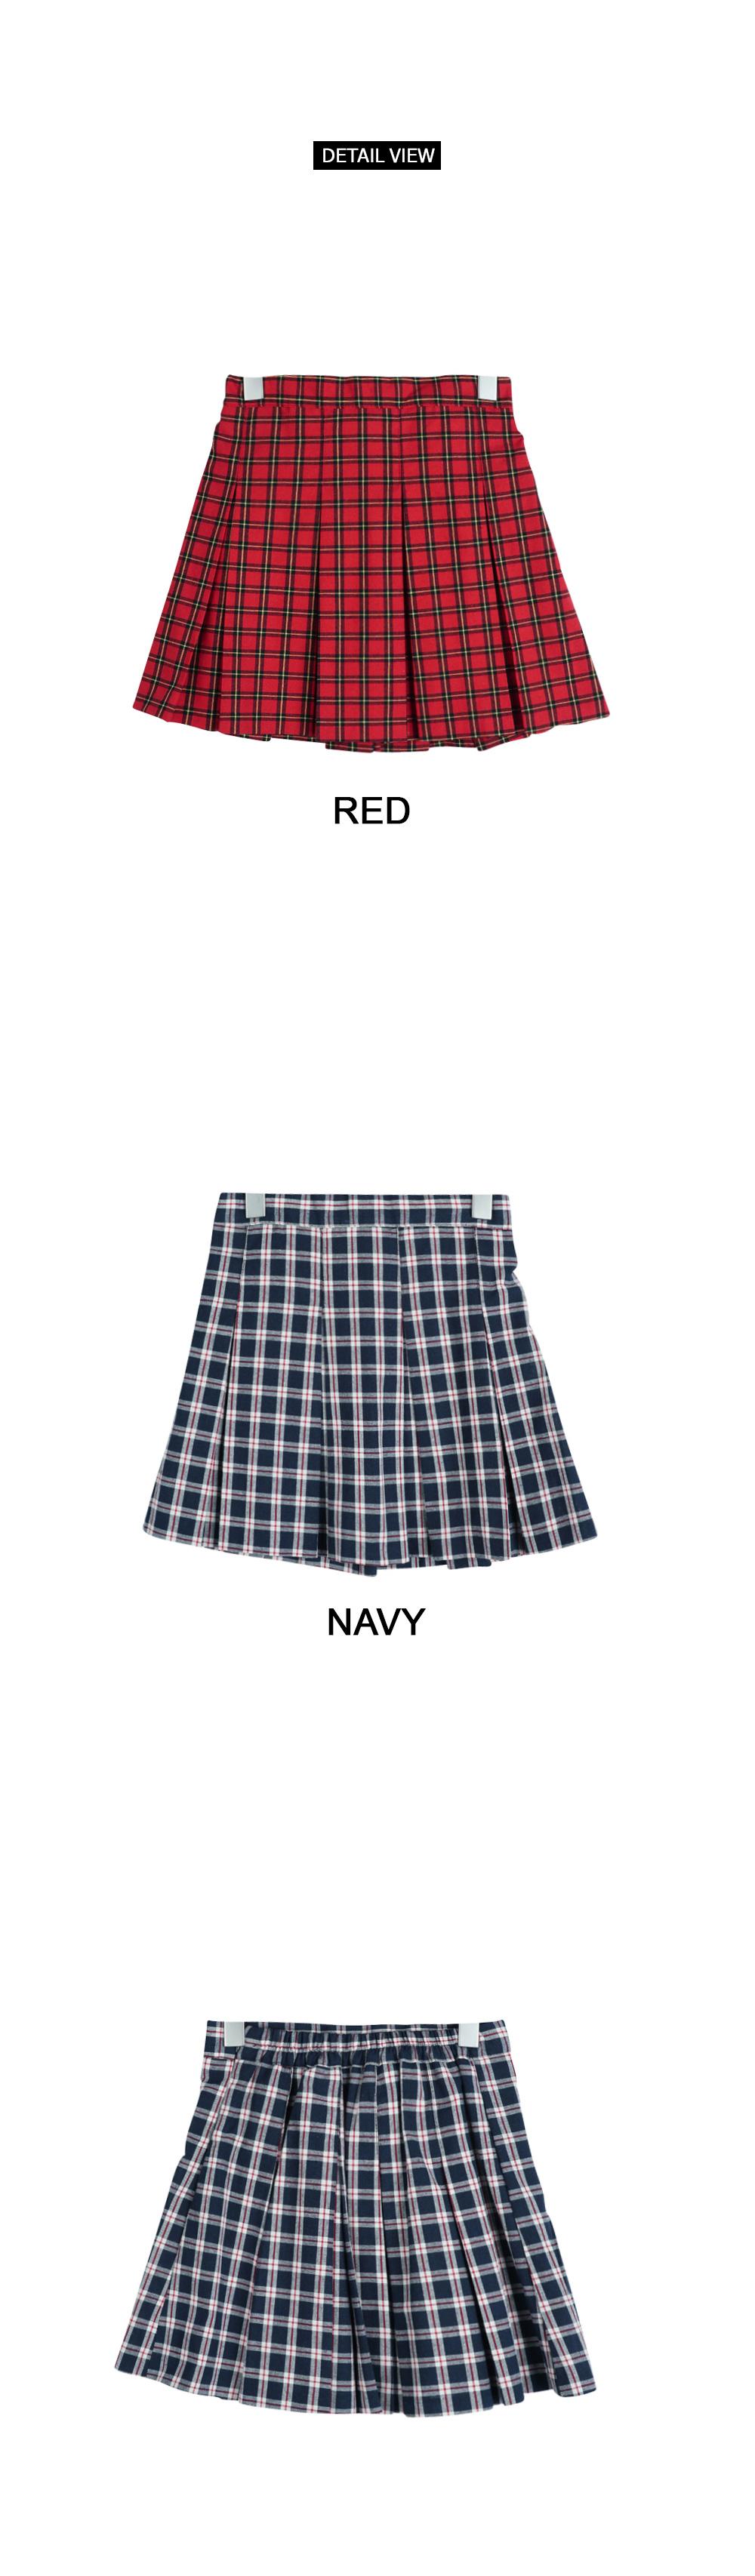 Czech pleat skirt